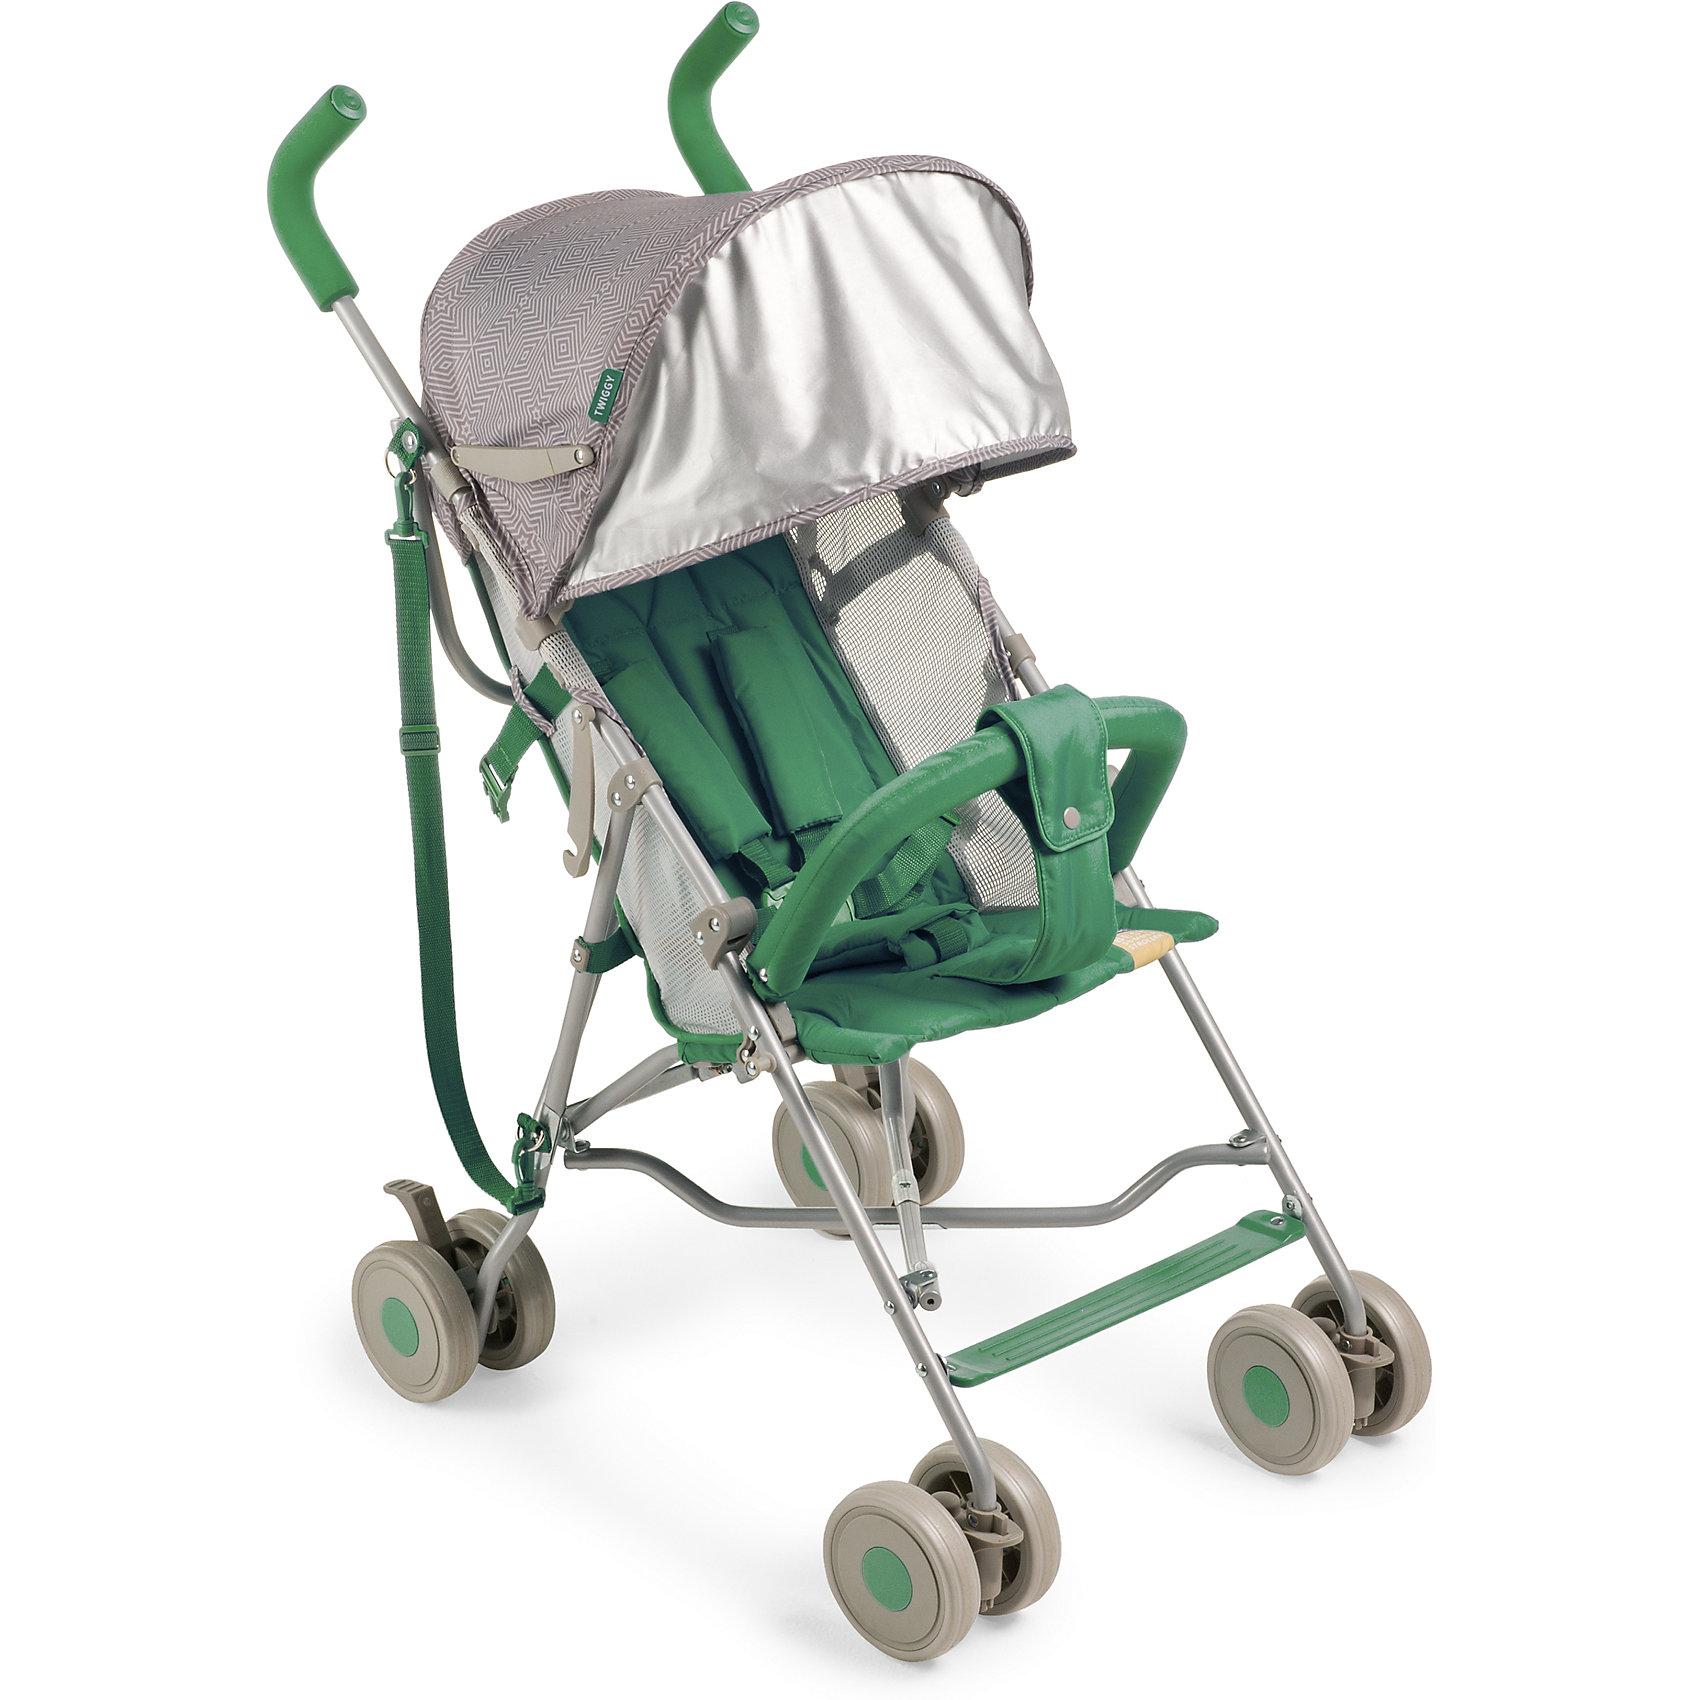 Коляска-трость Happy Baby Twiggy, зеленыйКоляски-трости более 7 кг.<br>Характеристики:<br><br>• регулируемое наклон спинки коляски, 2 положения: сидя и полусидя;<br>• имеется гибкая пластиковая подножка;<br>• съемный защитный бампер с мягким паховым ограничителем;<br>• 5-ти точечные ремни безопасности;<br>• капюшон оснащен солнцезащитным козырьком;<br>• сдвоенные колеса;<br>• передние поворотные колеса с блокировкой;<br>• задние колеса с независимыми рычагами тормоза;<br>• тип складывания: трость;<br>• плечевой ремень для транспортировки коляски на плече в сложенном виде;<br>• предусмотрен крючок для блокировки коляски-трости;<br>• в комплекте съемный подстаканник и инструкция;<br>• материал: алюминий, пластик, полиэстер.<br><br>Размеры: <br><br>• размер коляски: 74х51х98 см;<br>• размер коляски в сложенном виде: 109х29х34 см;<br>• вес коляски: 5,6 кг;<br>• вес коляски без бампера и капора: 4,6 кг;<br>• ширина сиденья: 30 см;<br>• глубина сиденья: 26 см;<br>• диаметр колес: 13 см;<br>• допустимая нагрузка: до 15 кг;<br>• вес в упаковке: 6,8 кг.<br><br>Коляску-трость Happy Baby Twiggy, цвет зеленый можно купить в нашем интернет-магазине.<br><br>Ширина мм: 305<br>Глубина мм: 190<br>Высота мм: 1130<br>Вес г: 6800<br>Цвет: зеленый<br>Возраст от месяцев: 7<br>Возраст до месяцев: 36<br>Пол: Унисекс<br>Возраст: Детский<br>SKU: 6681544